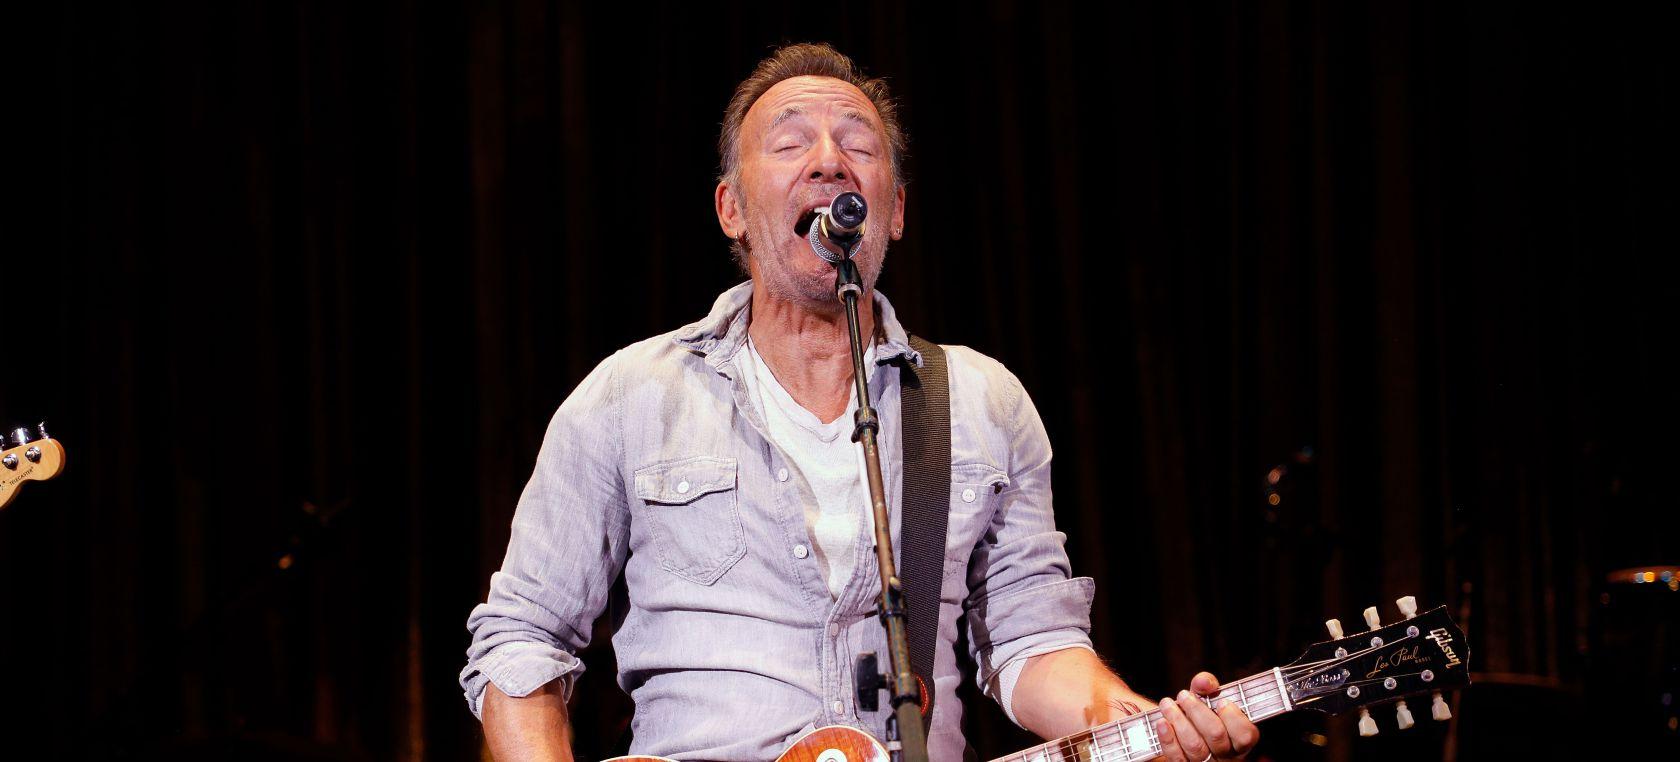 Bruce Springsteen anuncia nuevo disco con la E Street Band y lanza el primer single: 'Letter to you'